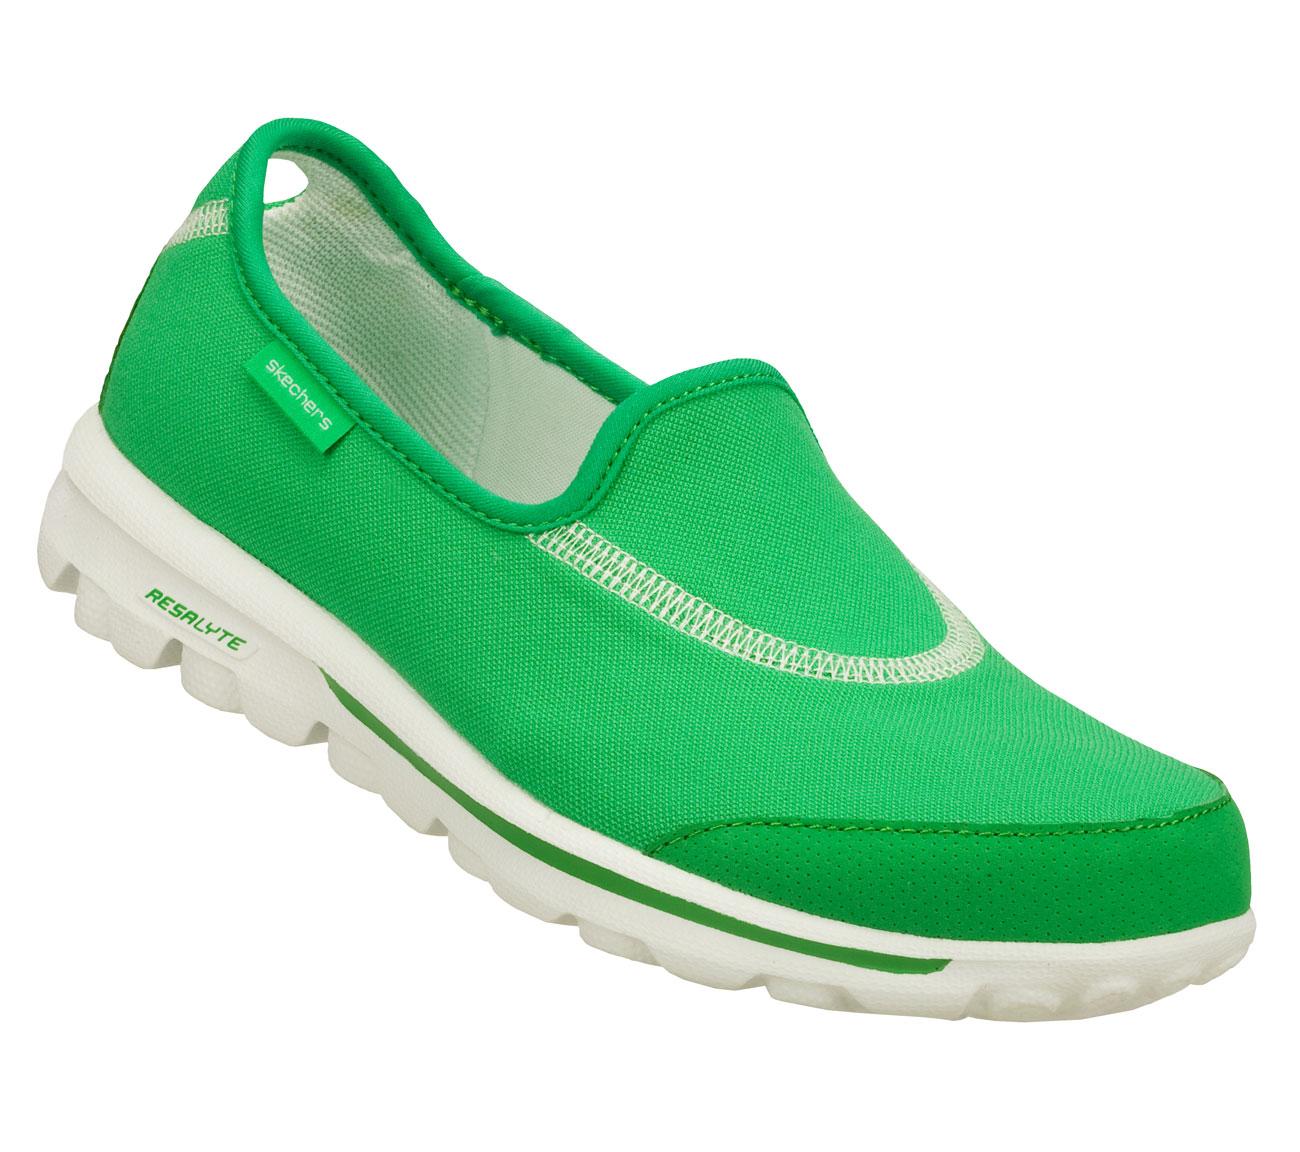 Sobre estos zapatos Comentarios Preguntas y Respuestas